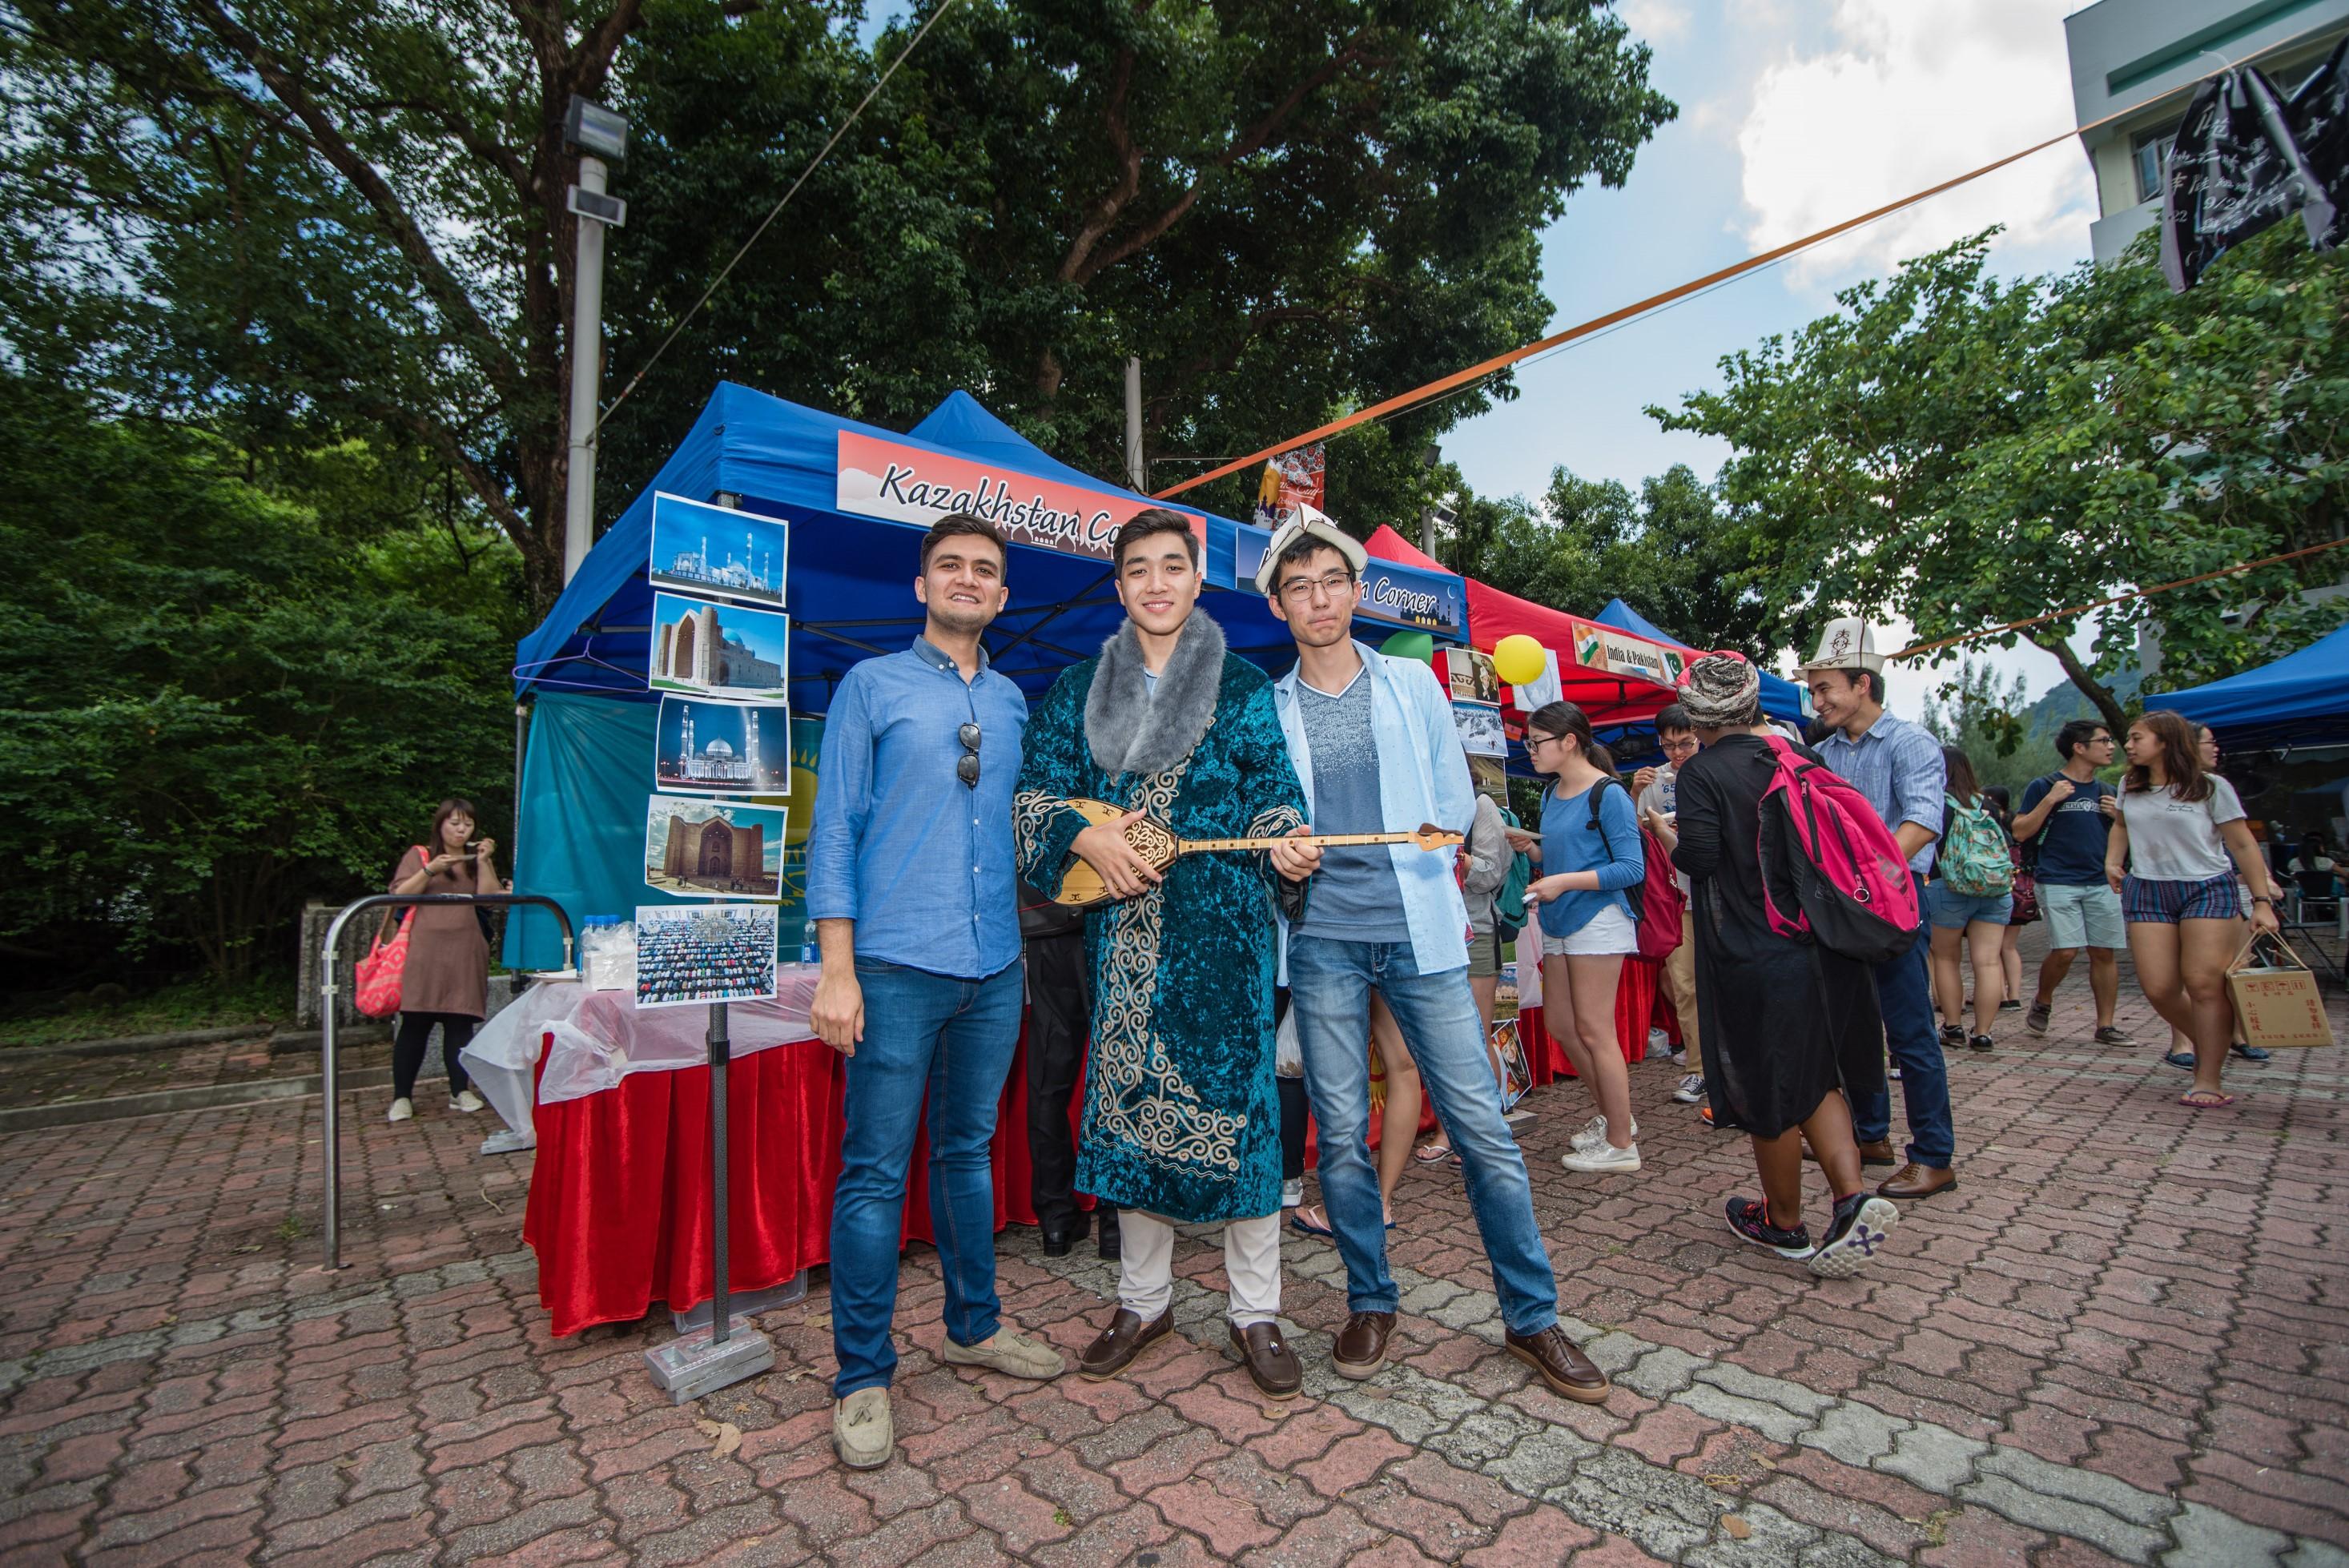 哈萨克斯坦学生身穿民族服装及拿著传统乐器